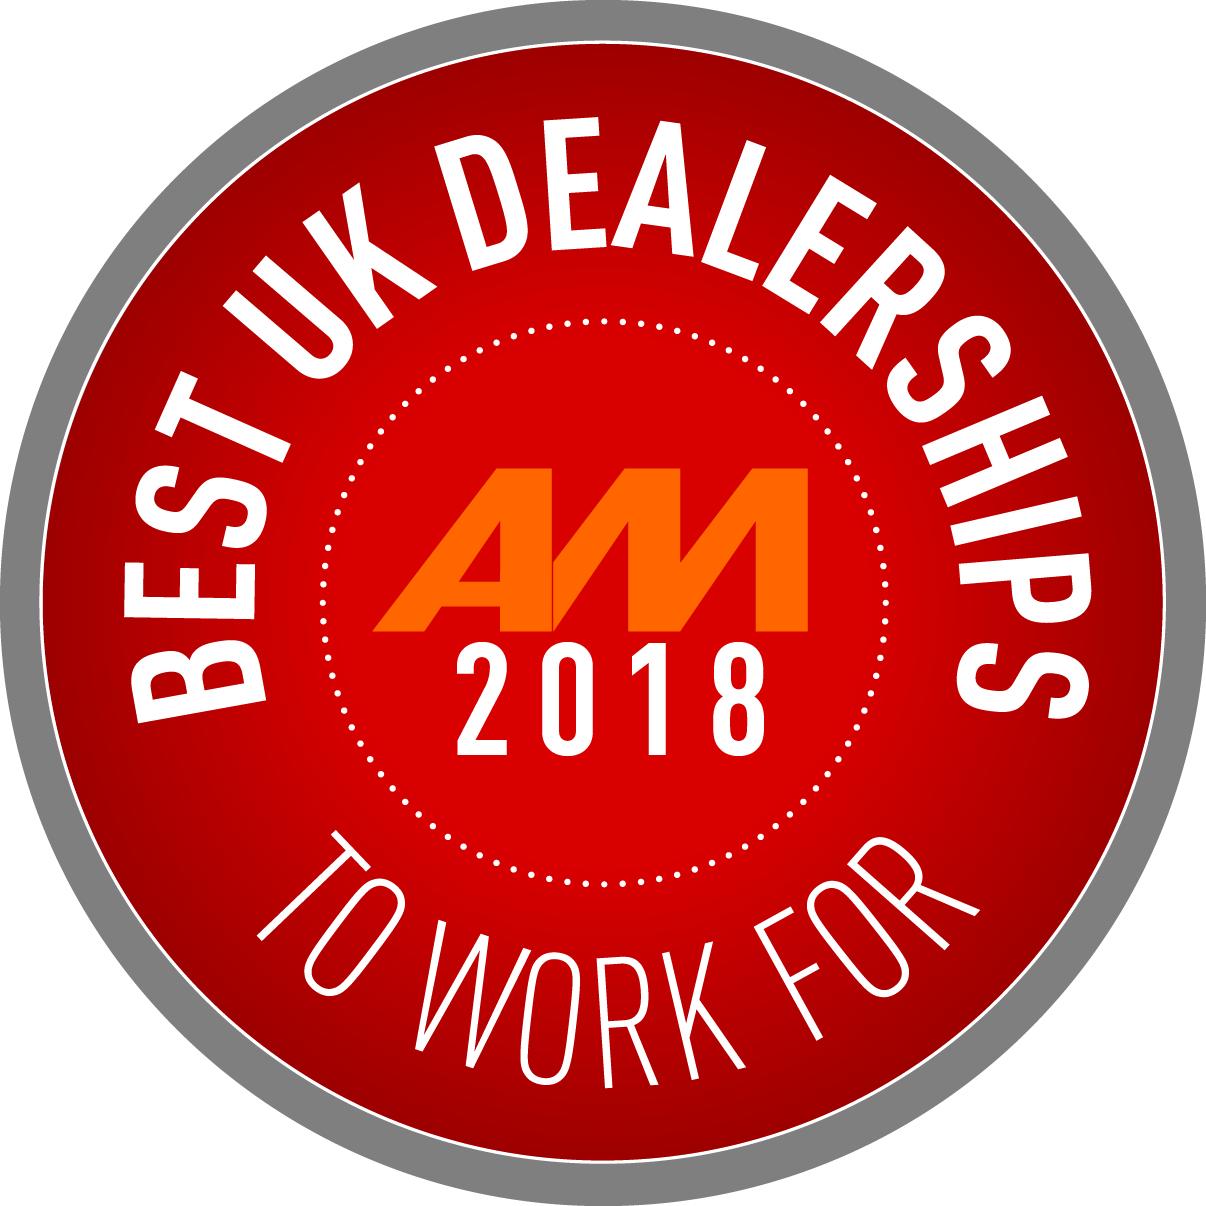 Best Dealerships to Work For Presentation